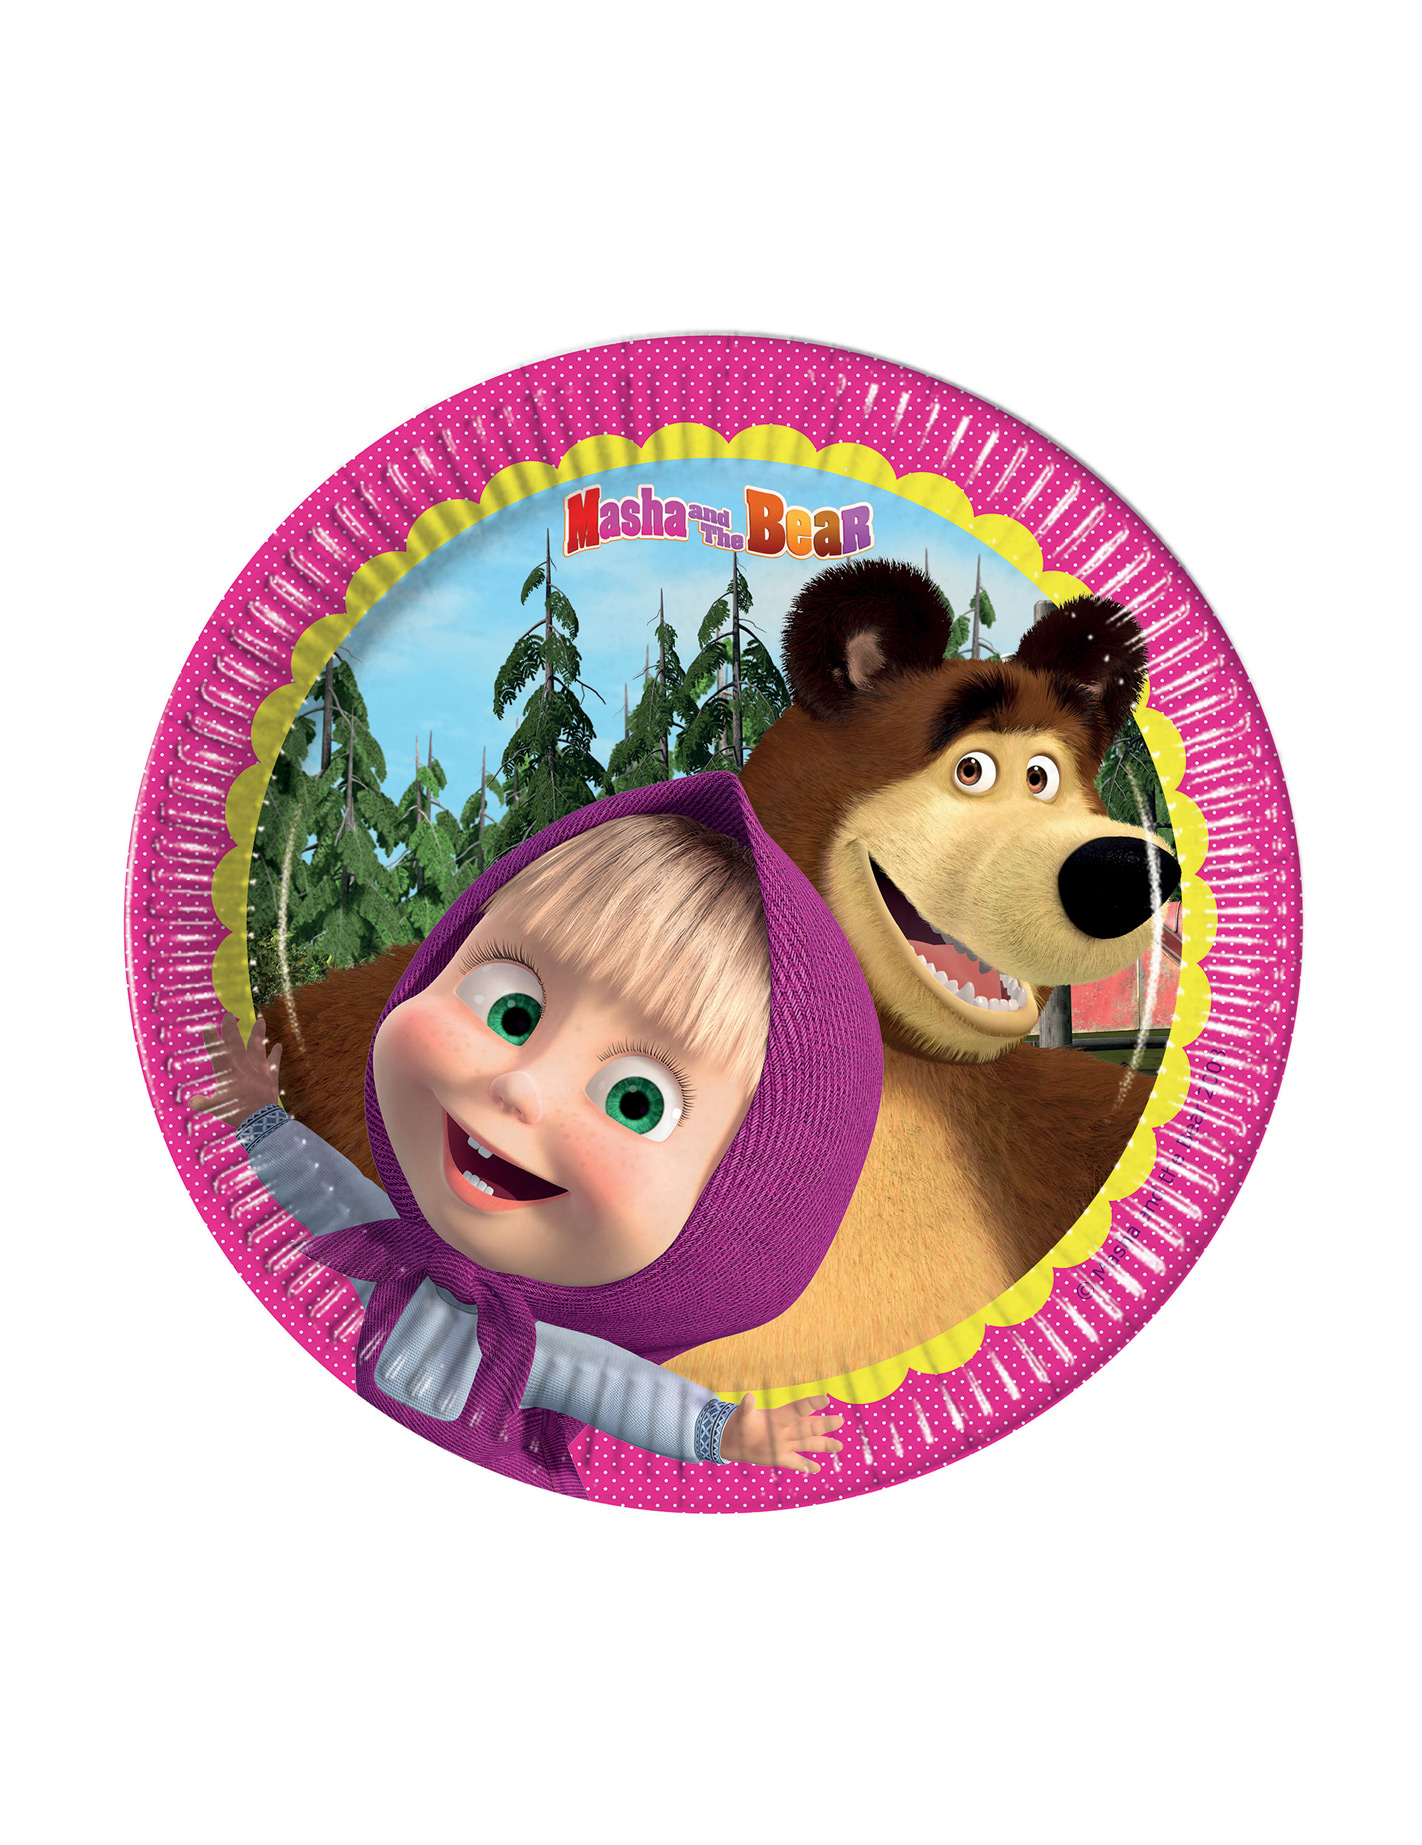 Рождением мужчине, маша и медведь картинка на торт круглая